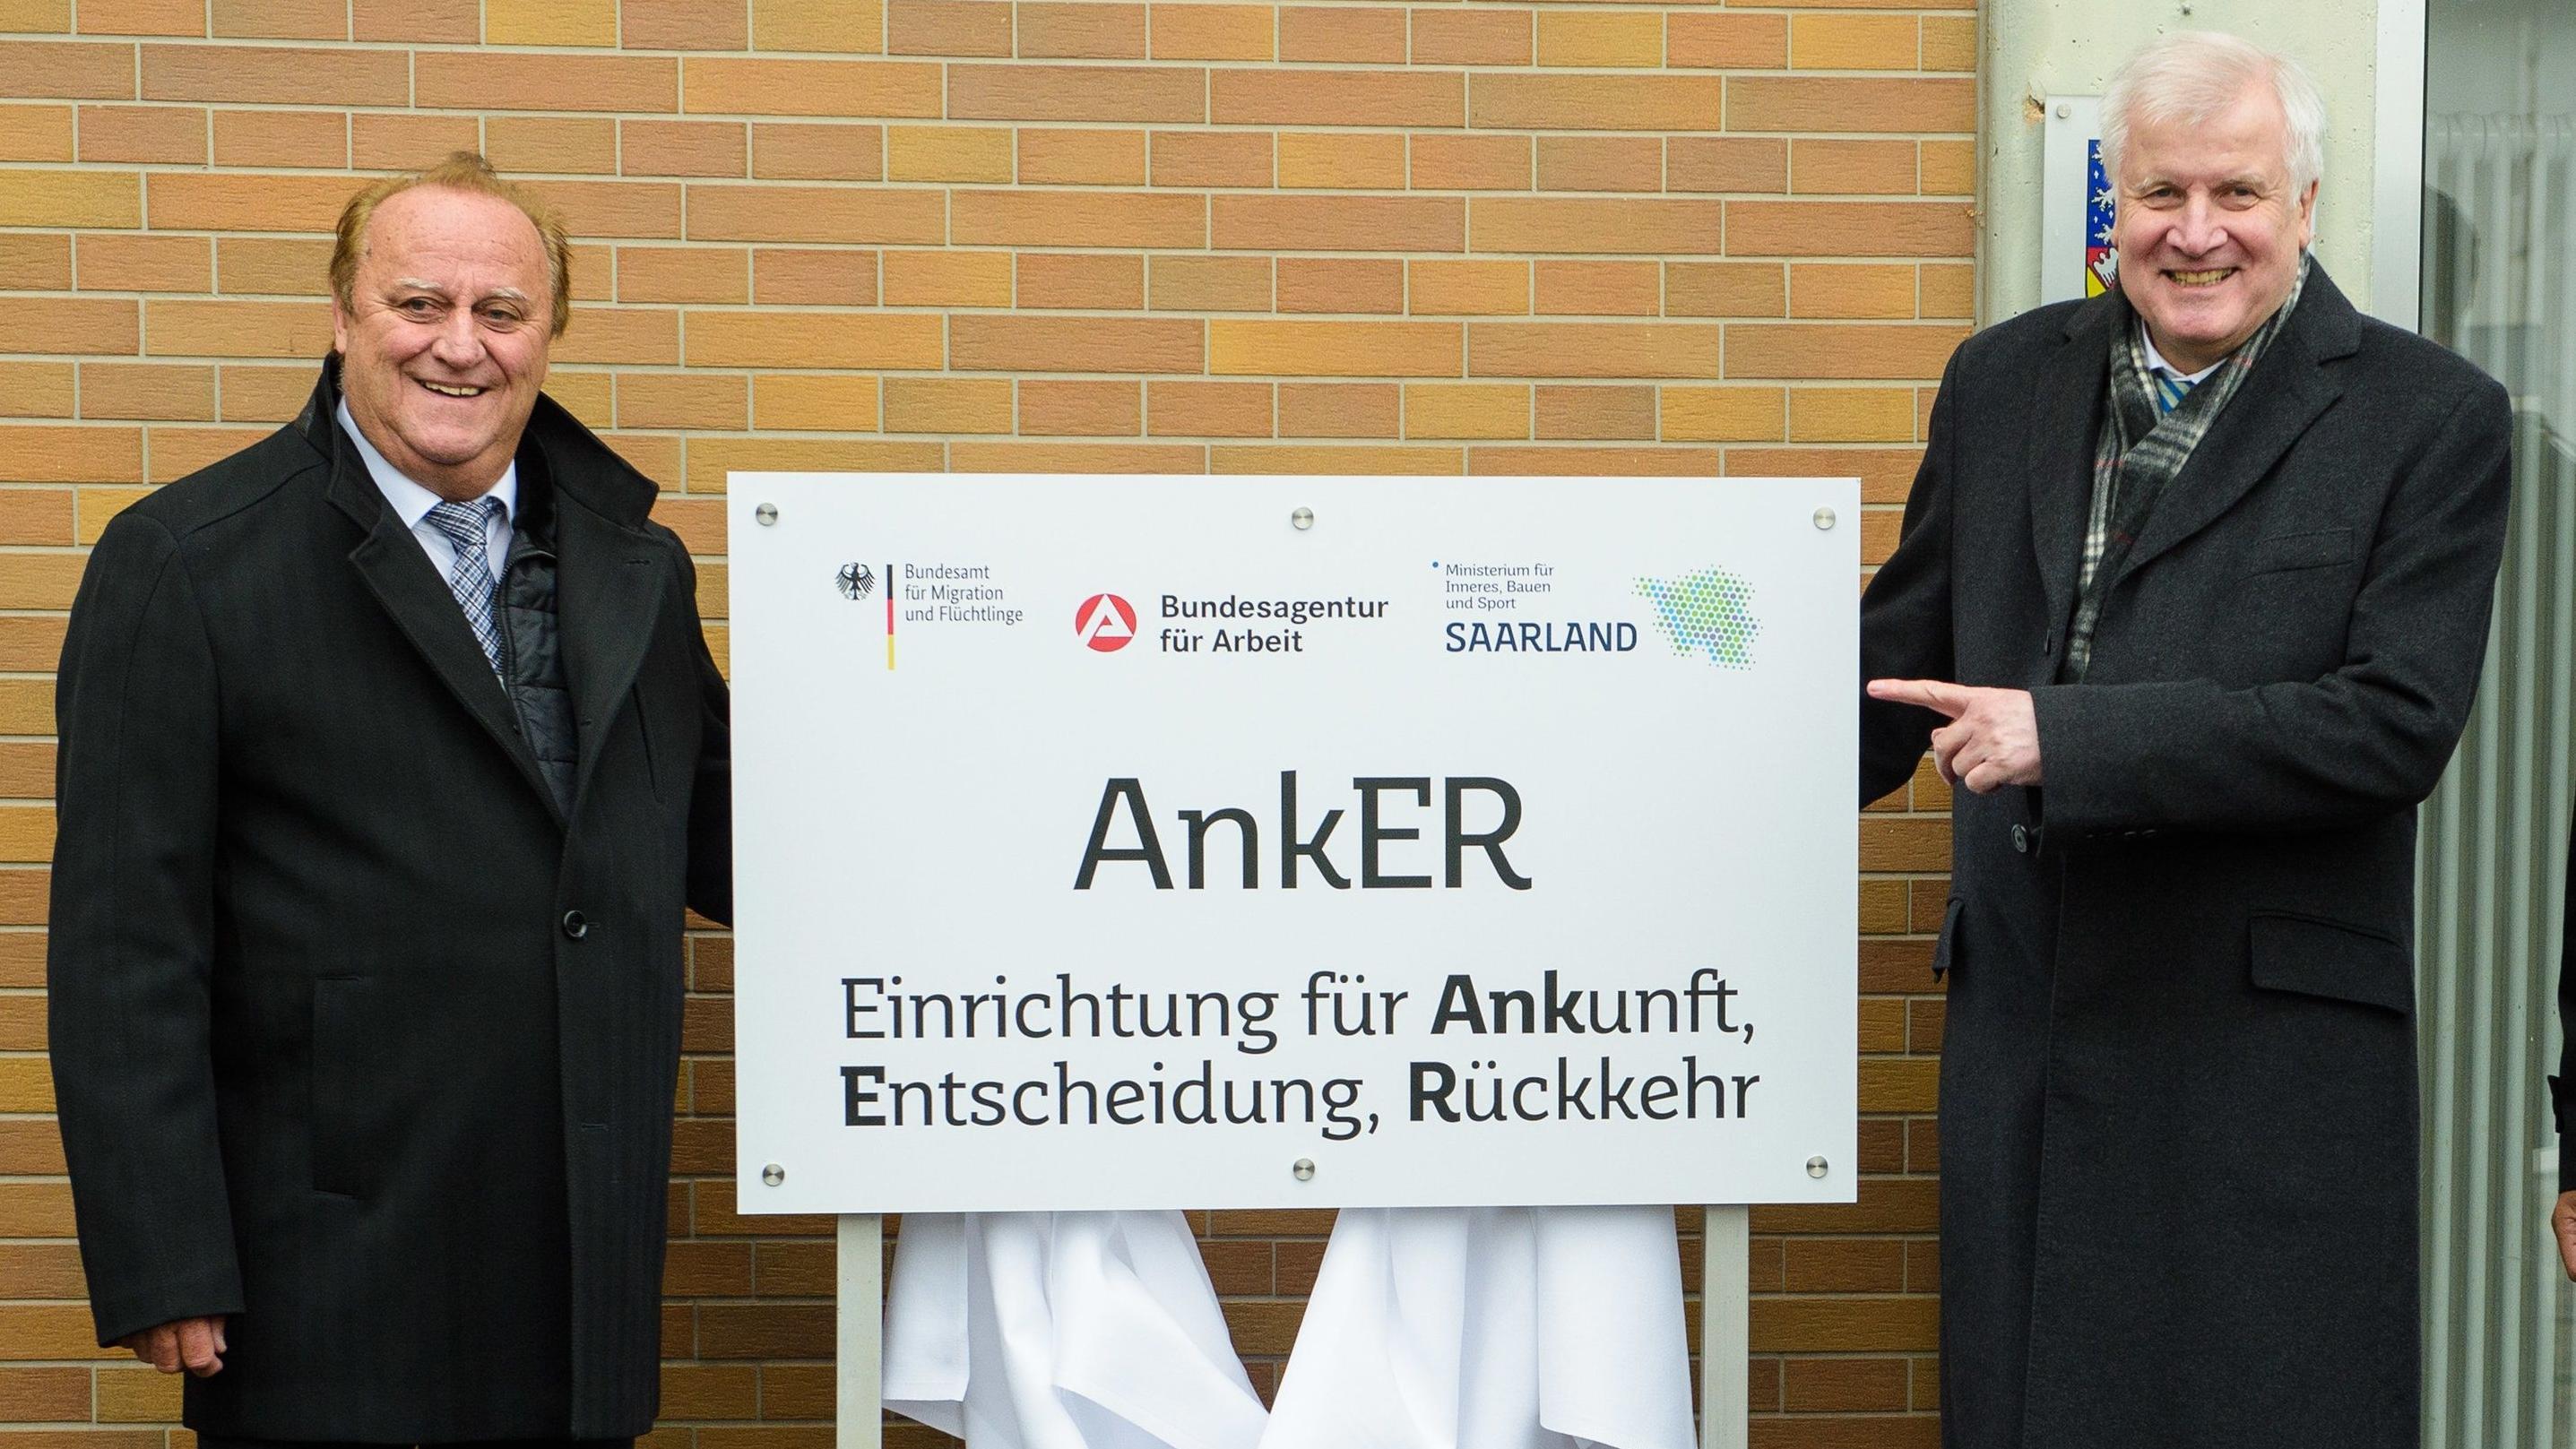 Klaus Bouillon und Horst Seehofer vor einem Bild mit der Aufschrift Anker.